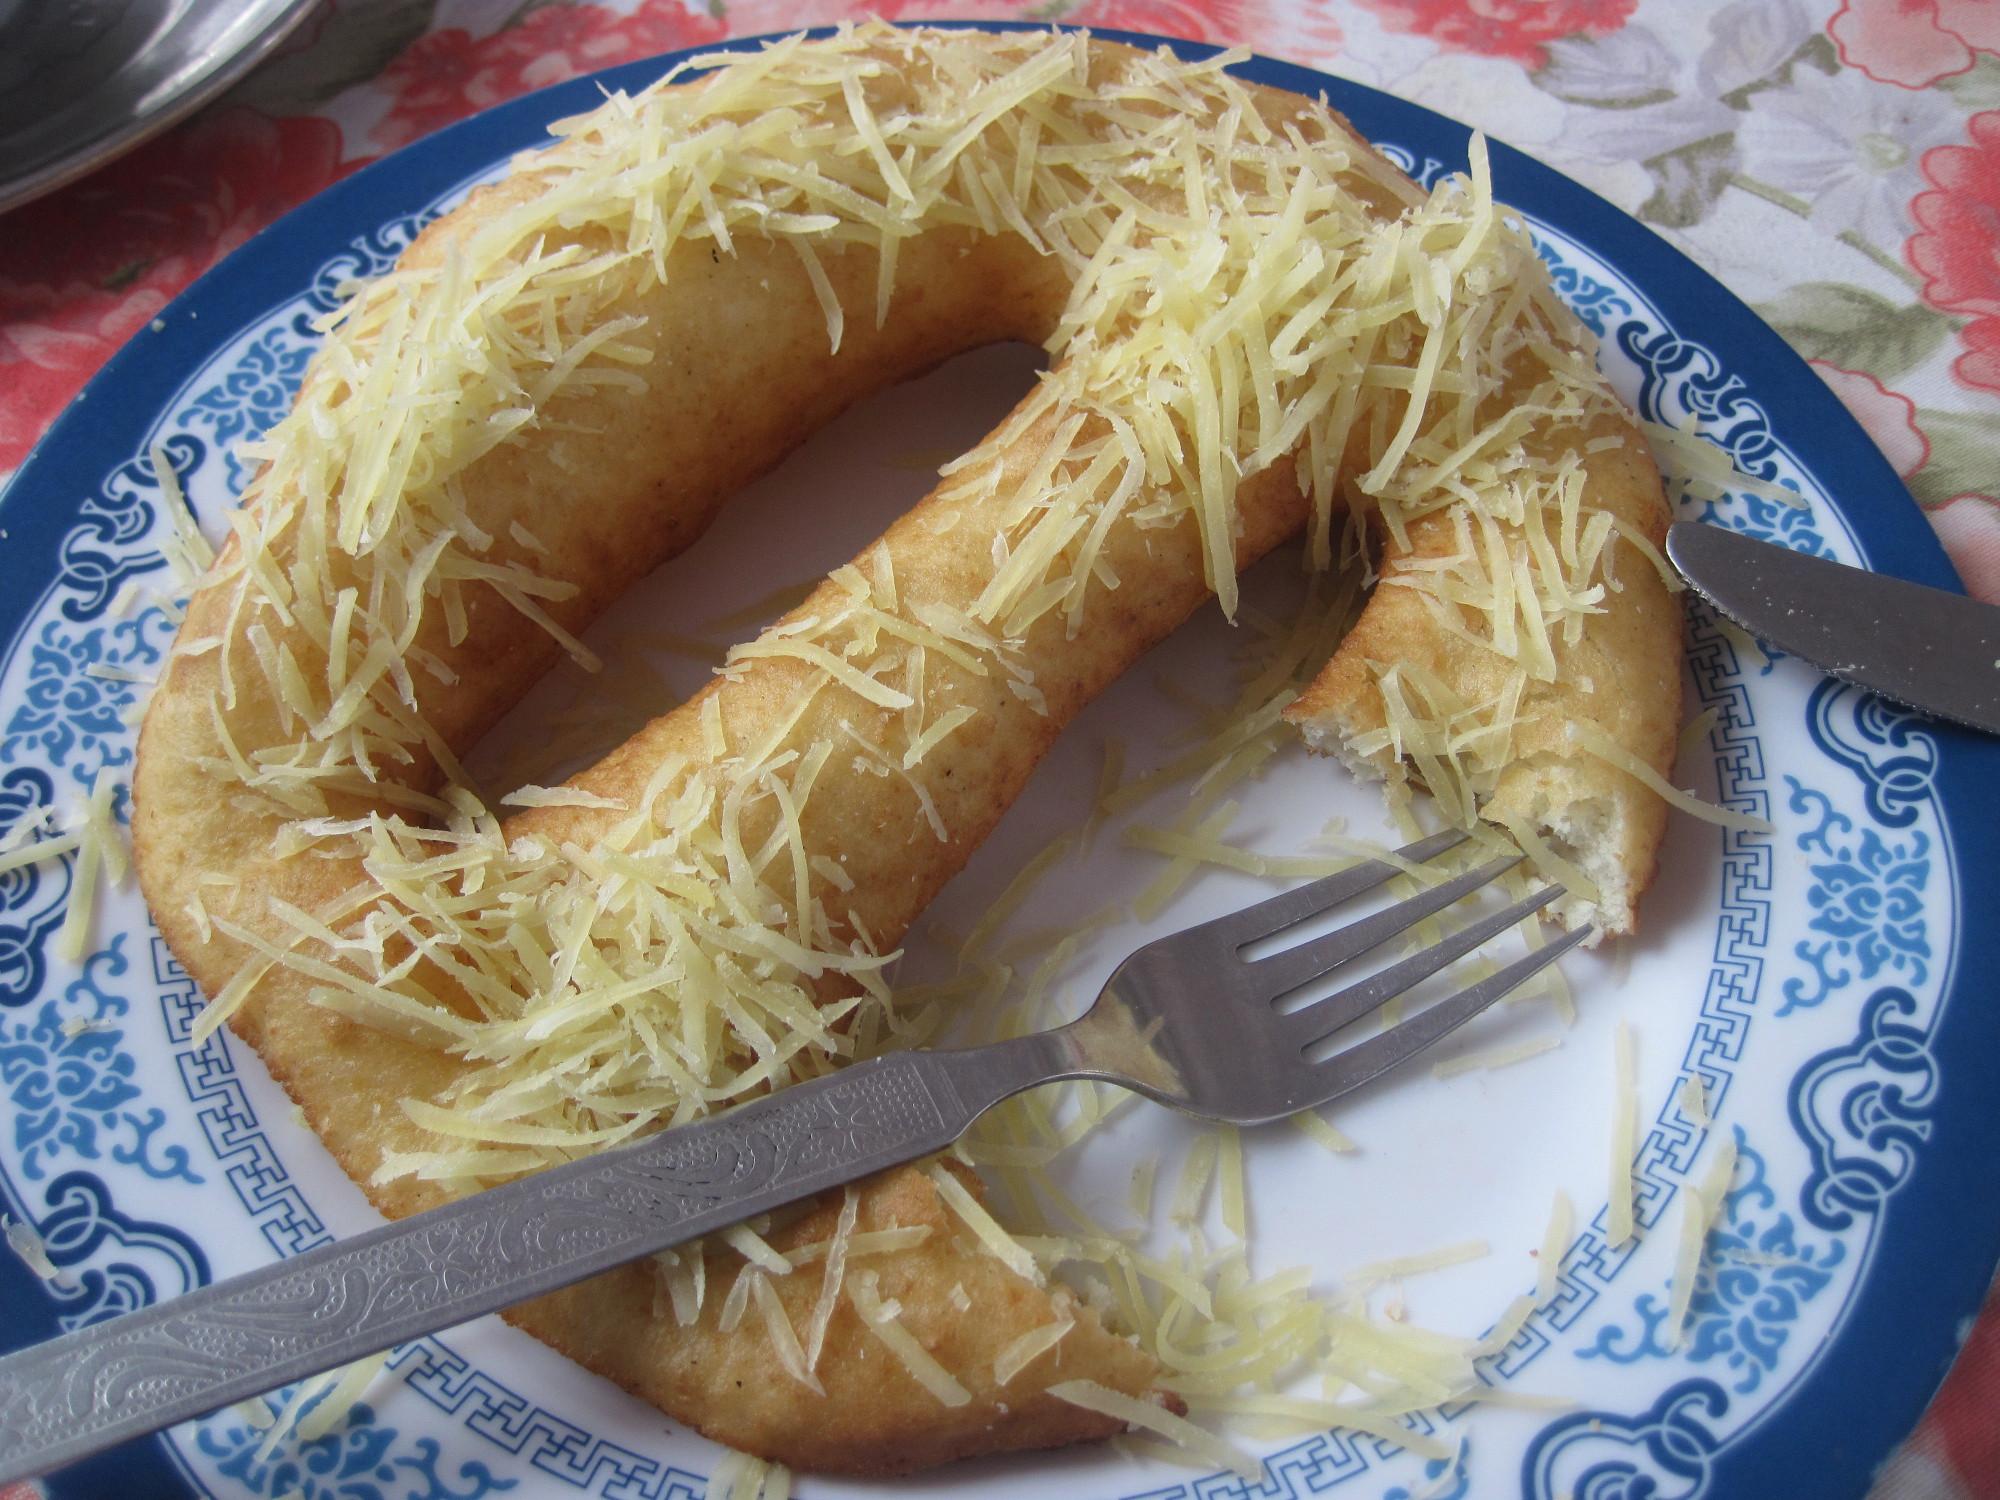 tibetian bread